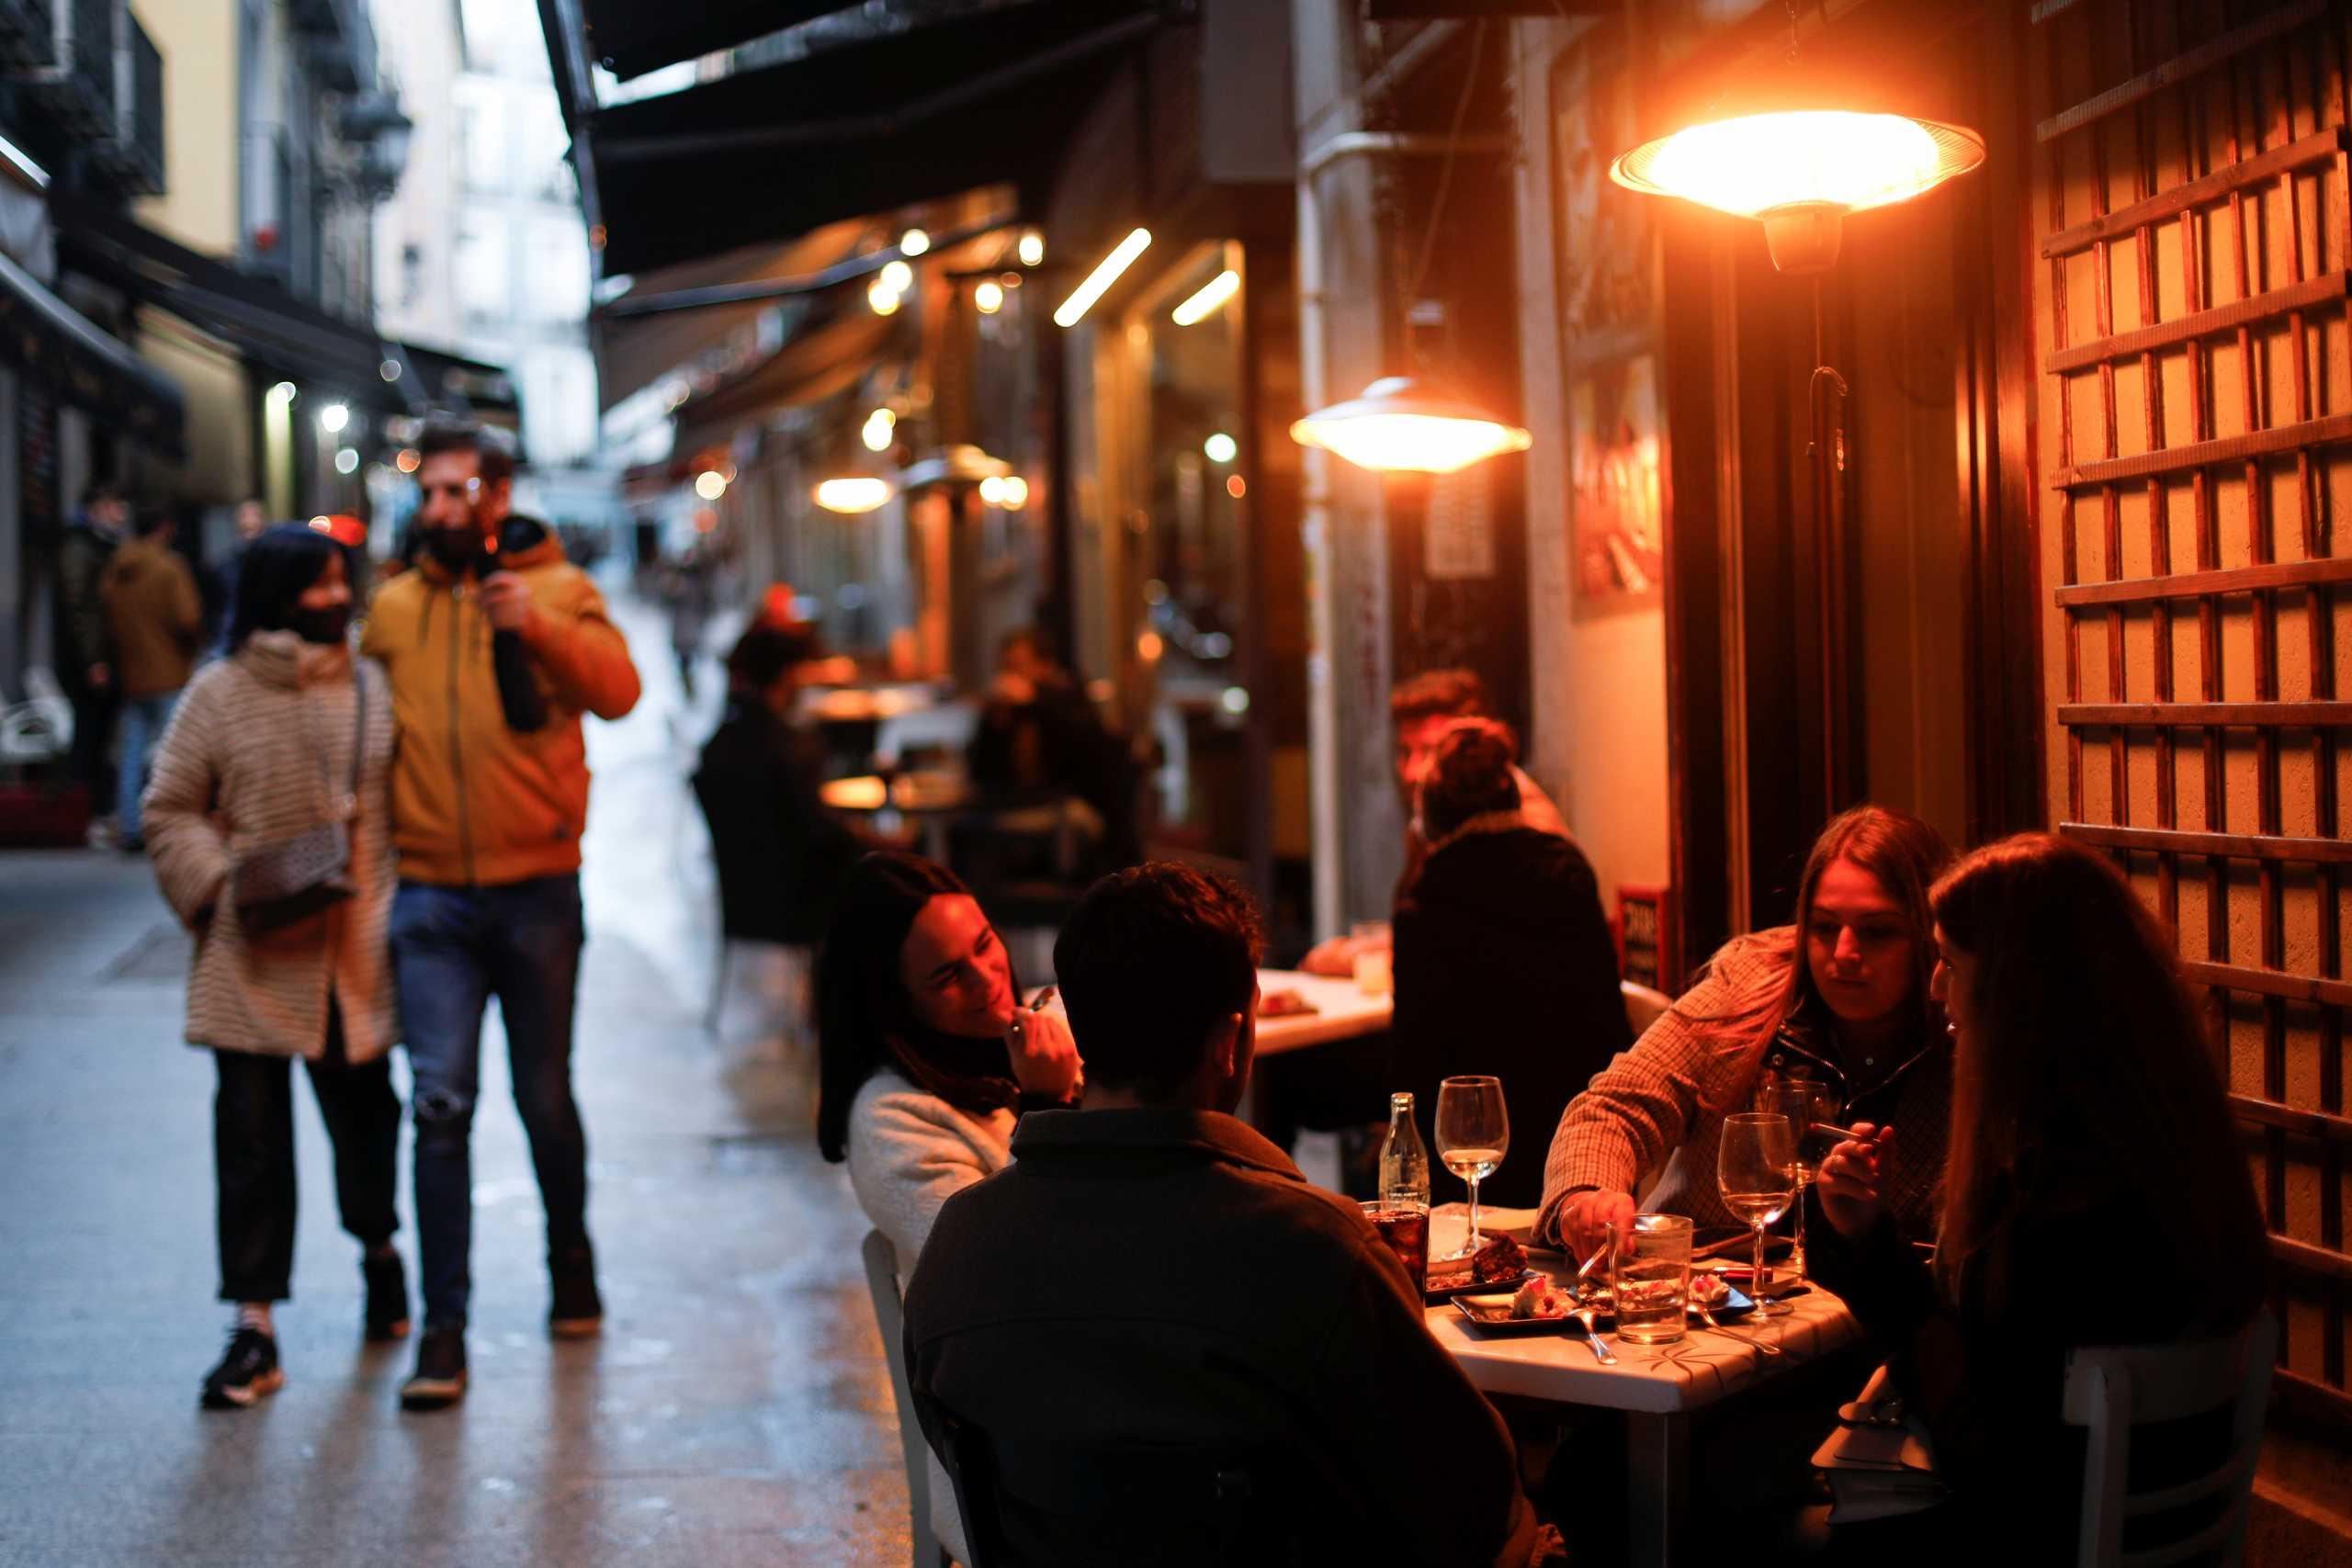 Ισπανία: Μειώθηκε η ανεργία το τελευταίο τρίμηνο του 2020